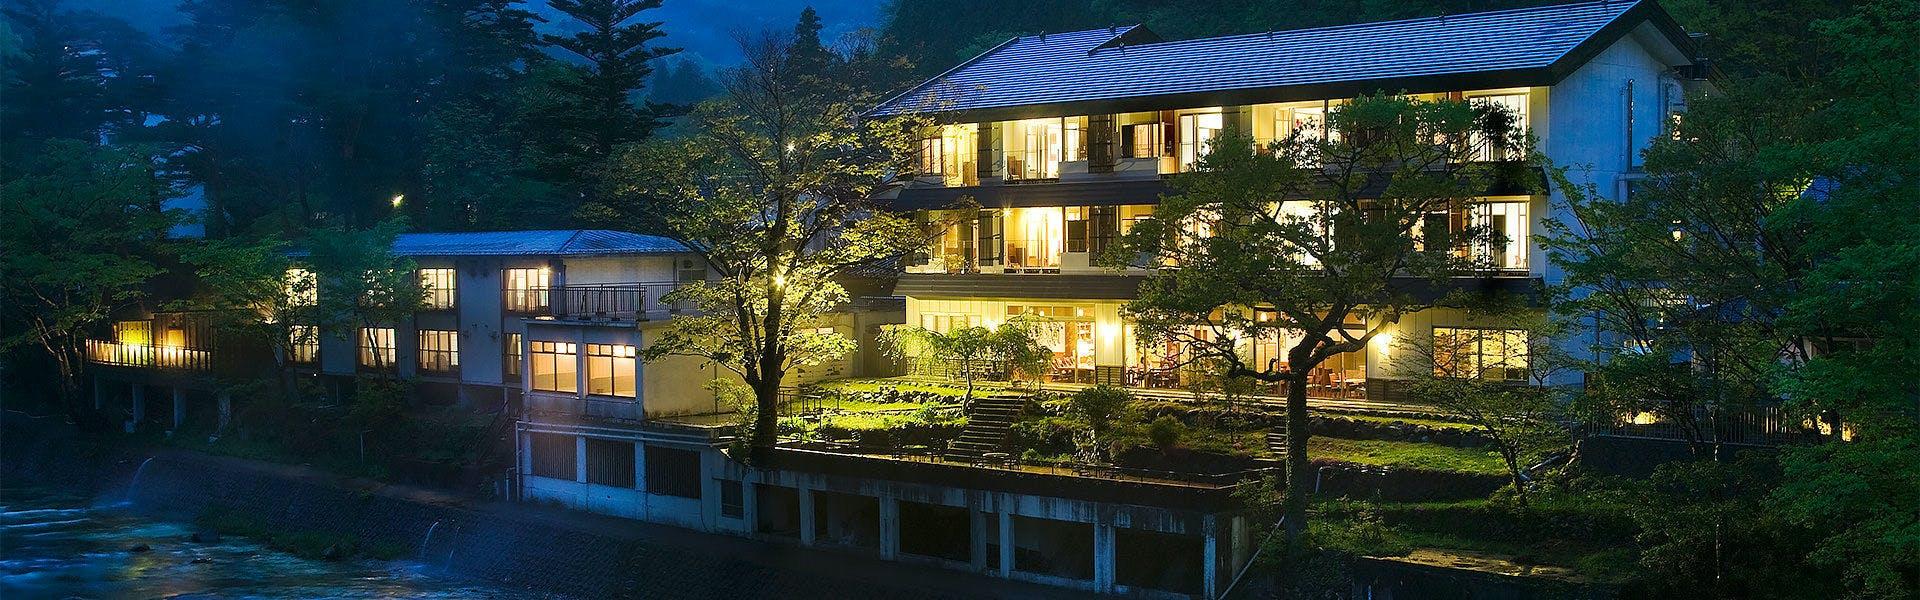 記念日におすすめのホテル・塩原温泉 人・季・想をつむぐ宿 彩つむぎの写真1